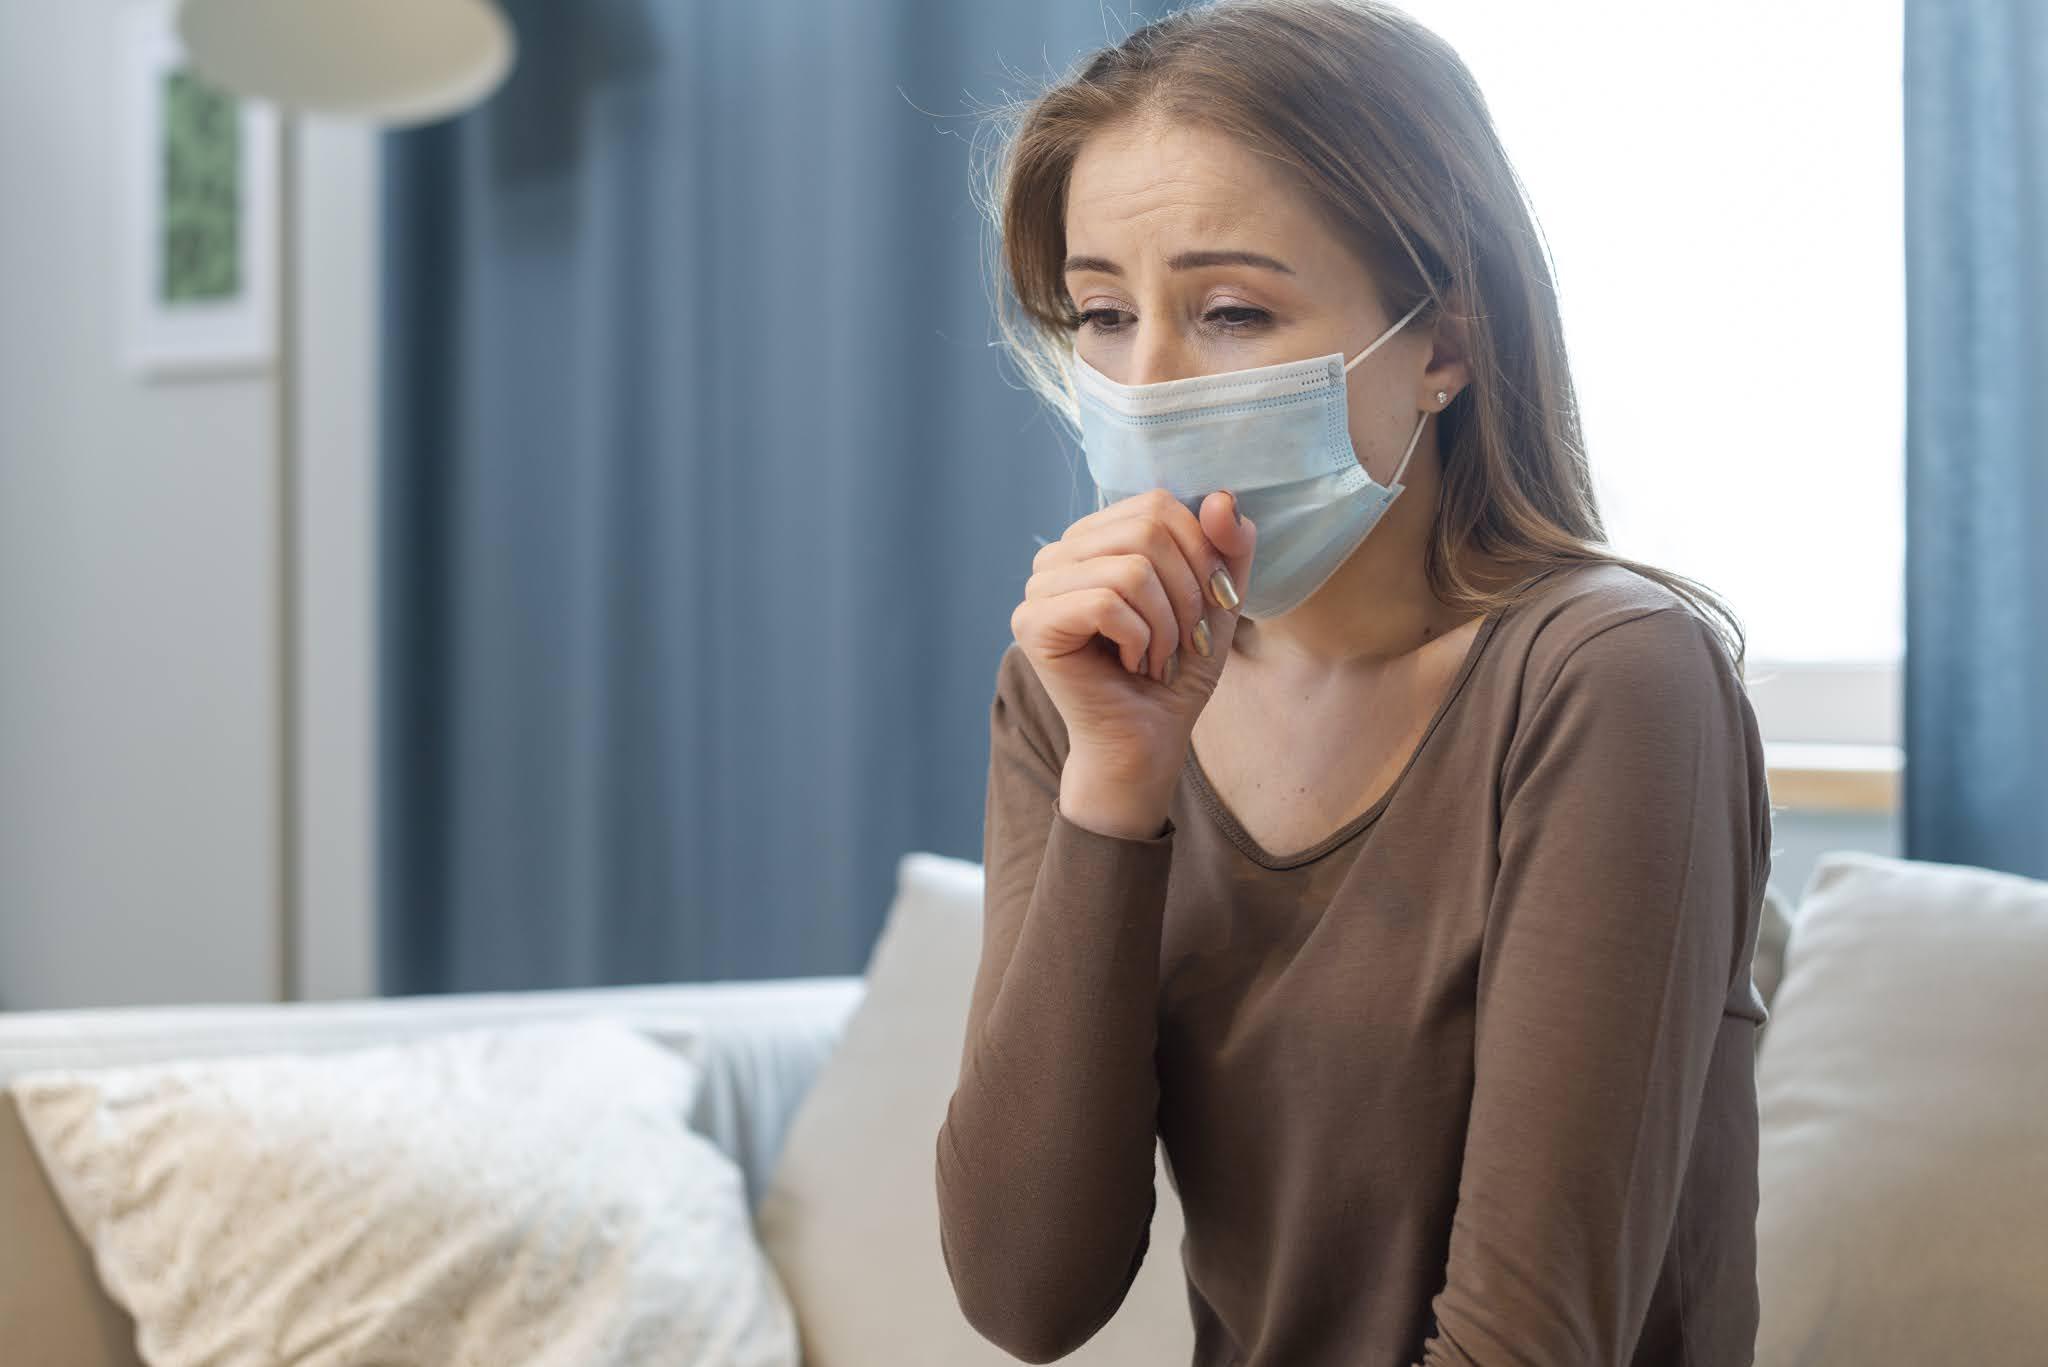 जब आप कोरेंटिन हों तो इन महत्वपूर्ण बातों को ध्यान रखें , कब  जरूरी है अस्पताल जाना